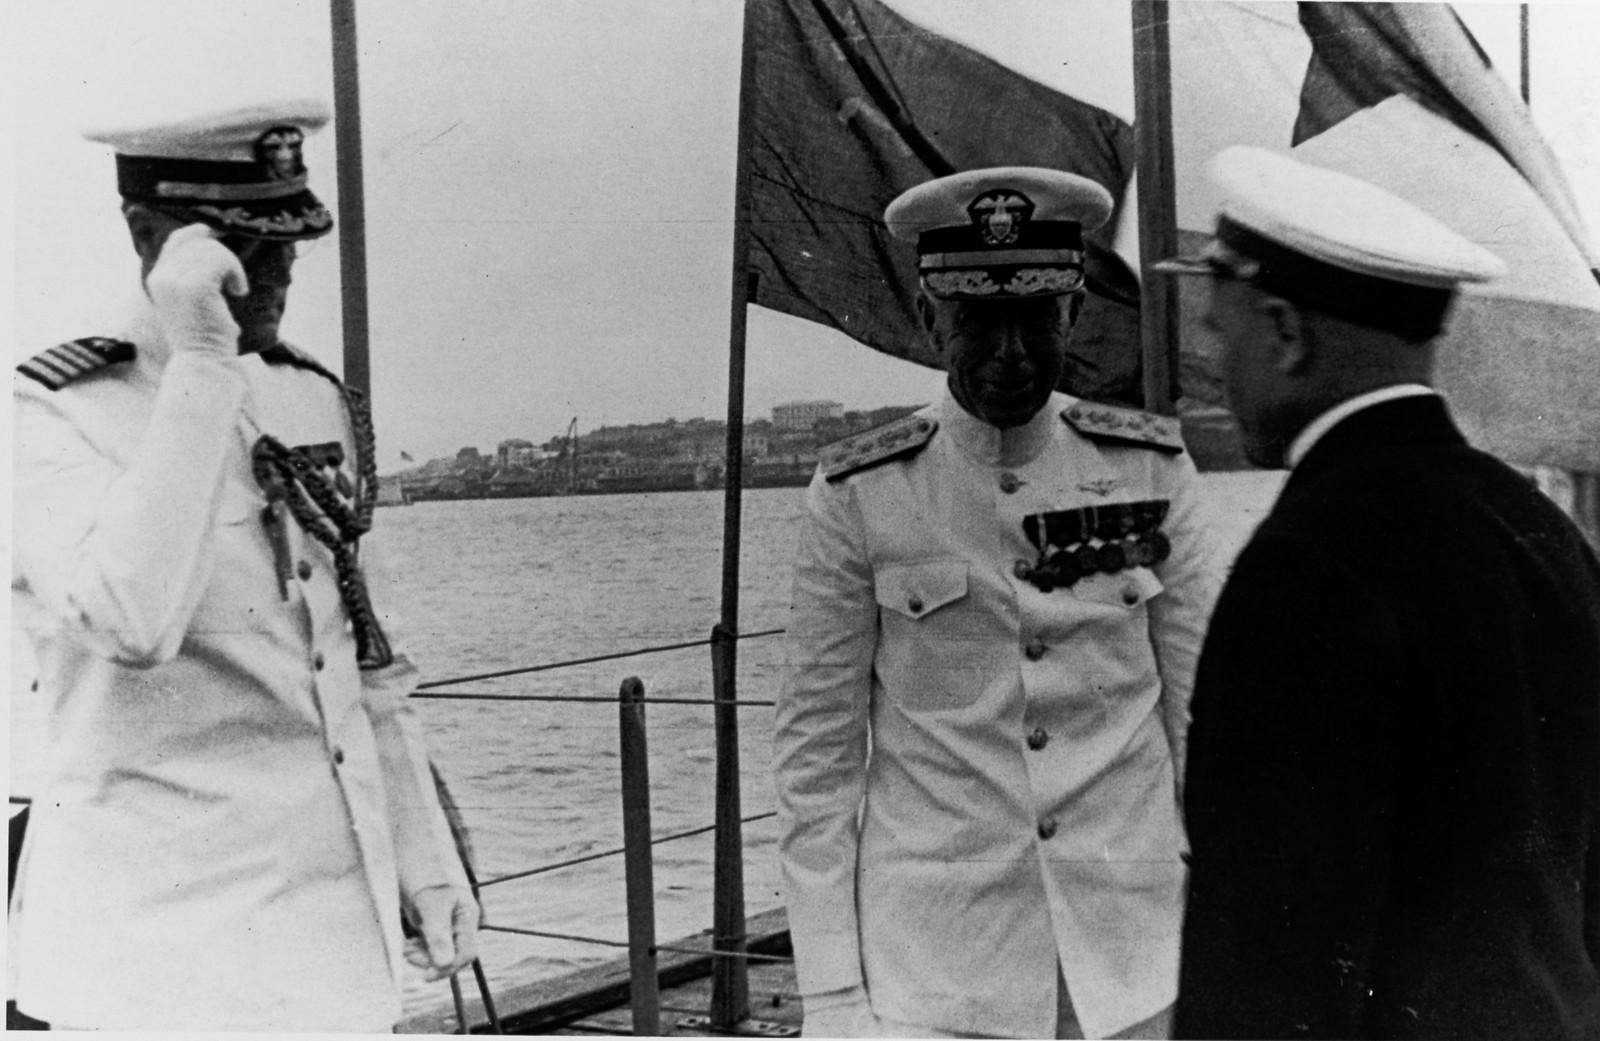 С адмиралом Ярнеллом - капитан Р.Ф. Макконнелл, его начальник штаба (слева) и неопознанный российский военно-морской офицер